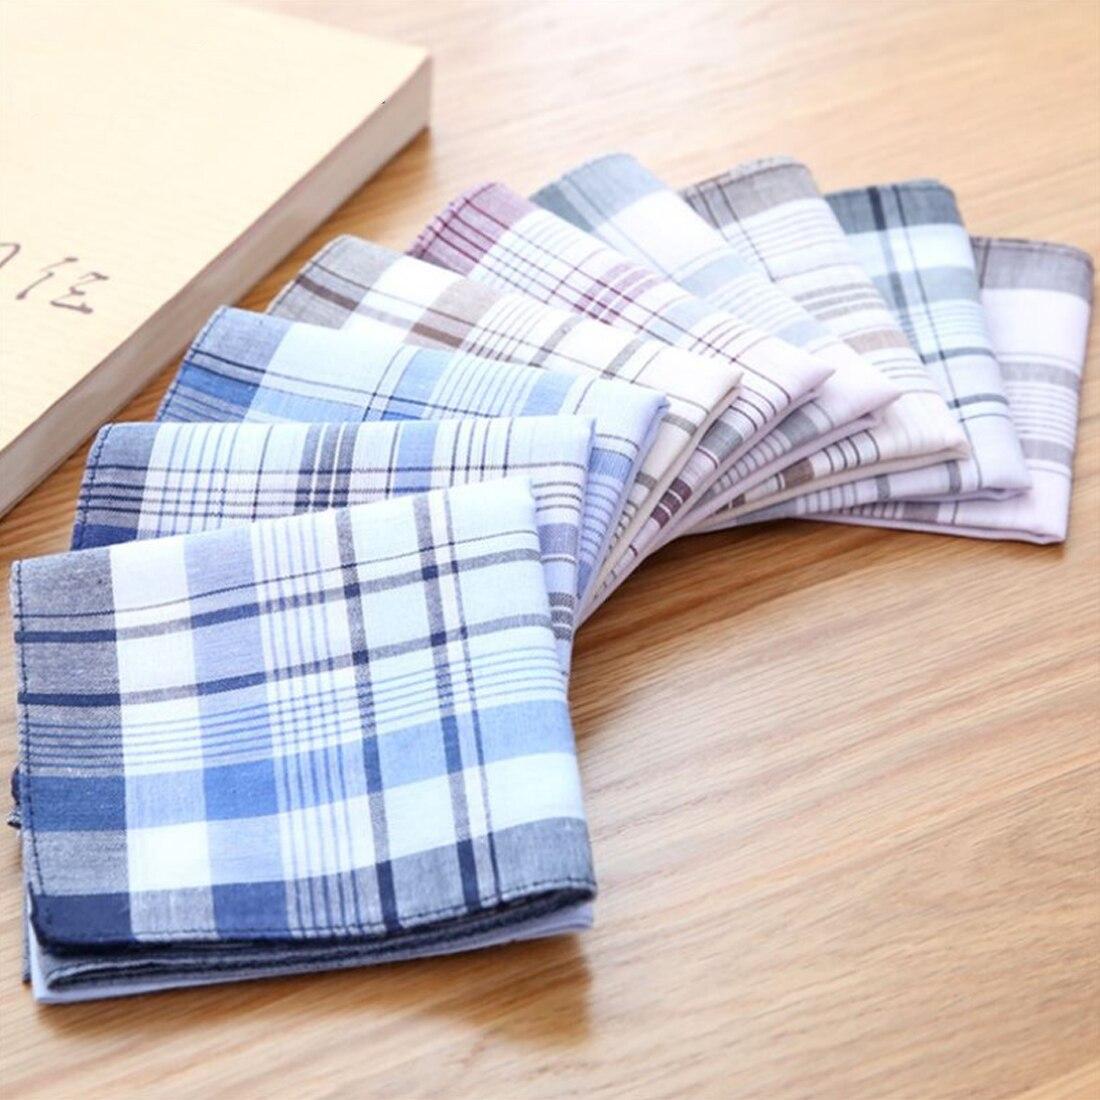 10Pcs/lot 38*38cm New Cotton Handkerchief Classic Plaid Pattern Comfort Vintage Square Handy Pocket Women Men For Gifts